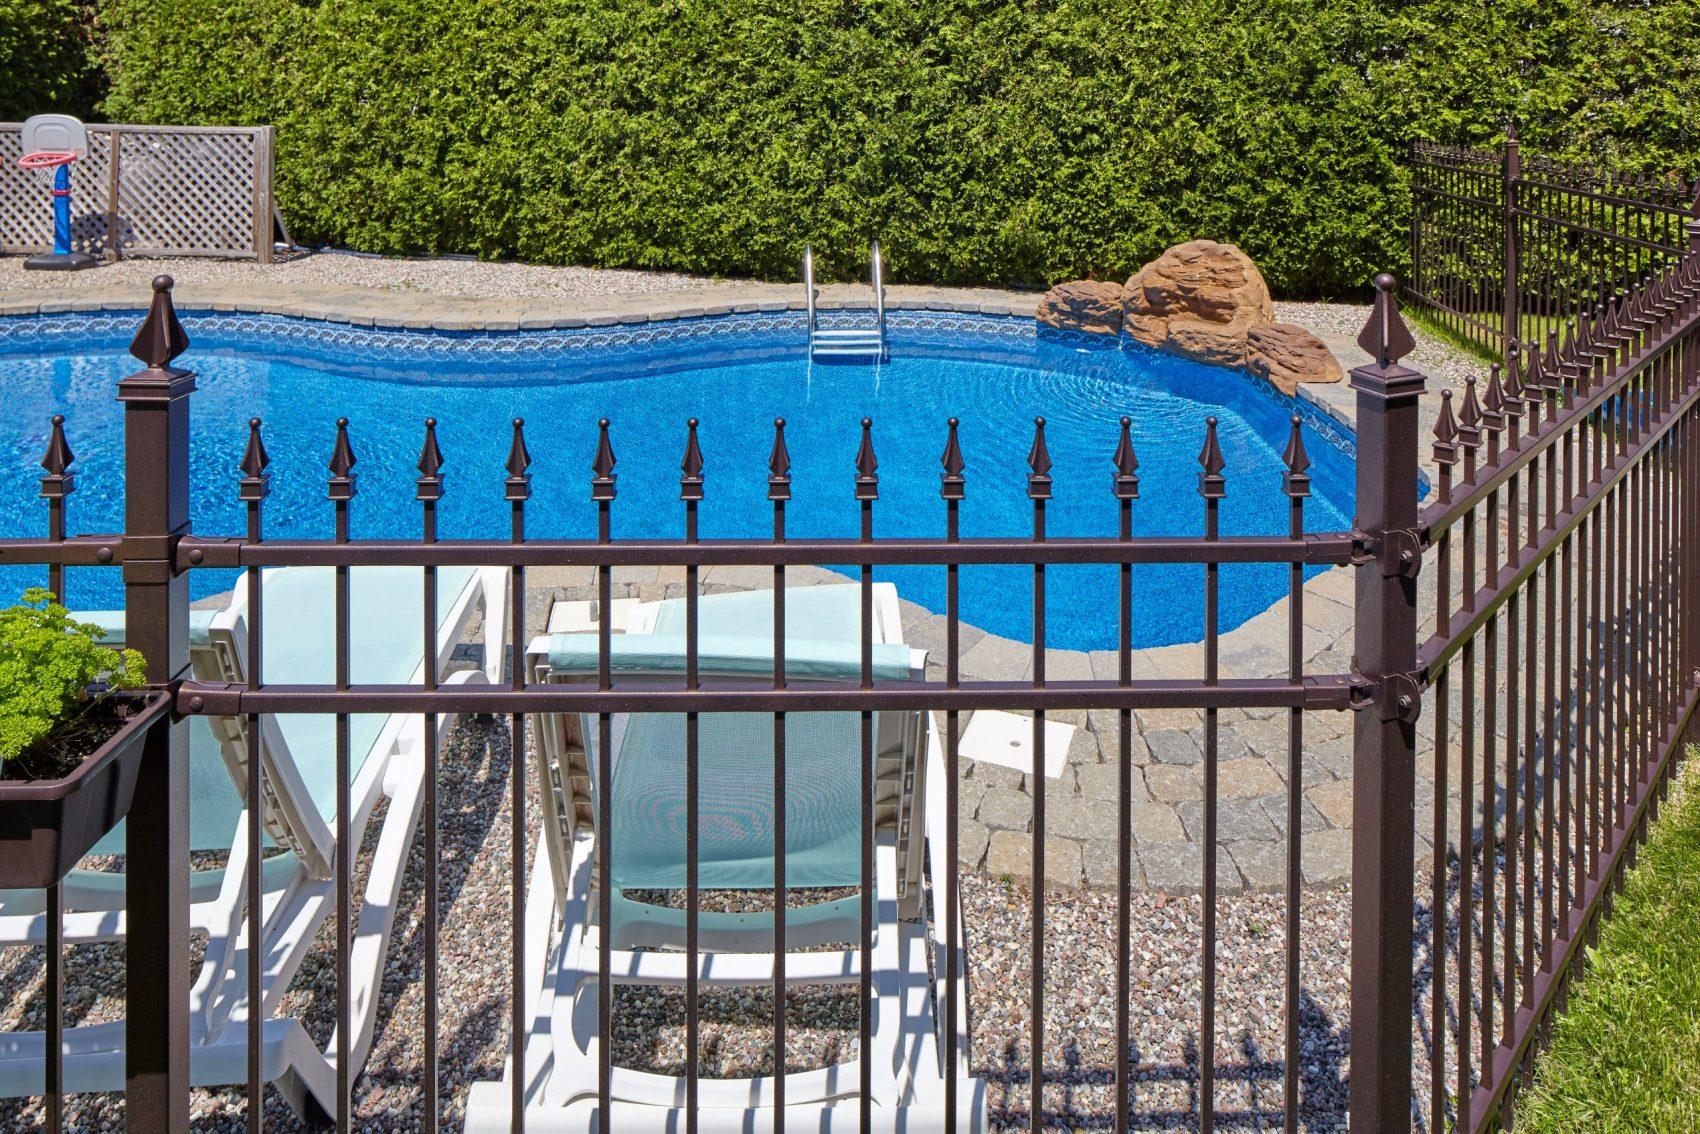 Clôture ornementale autour d'une piscine familiale